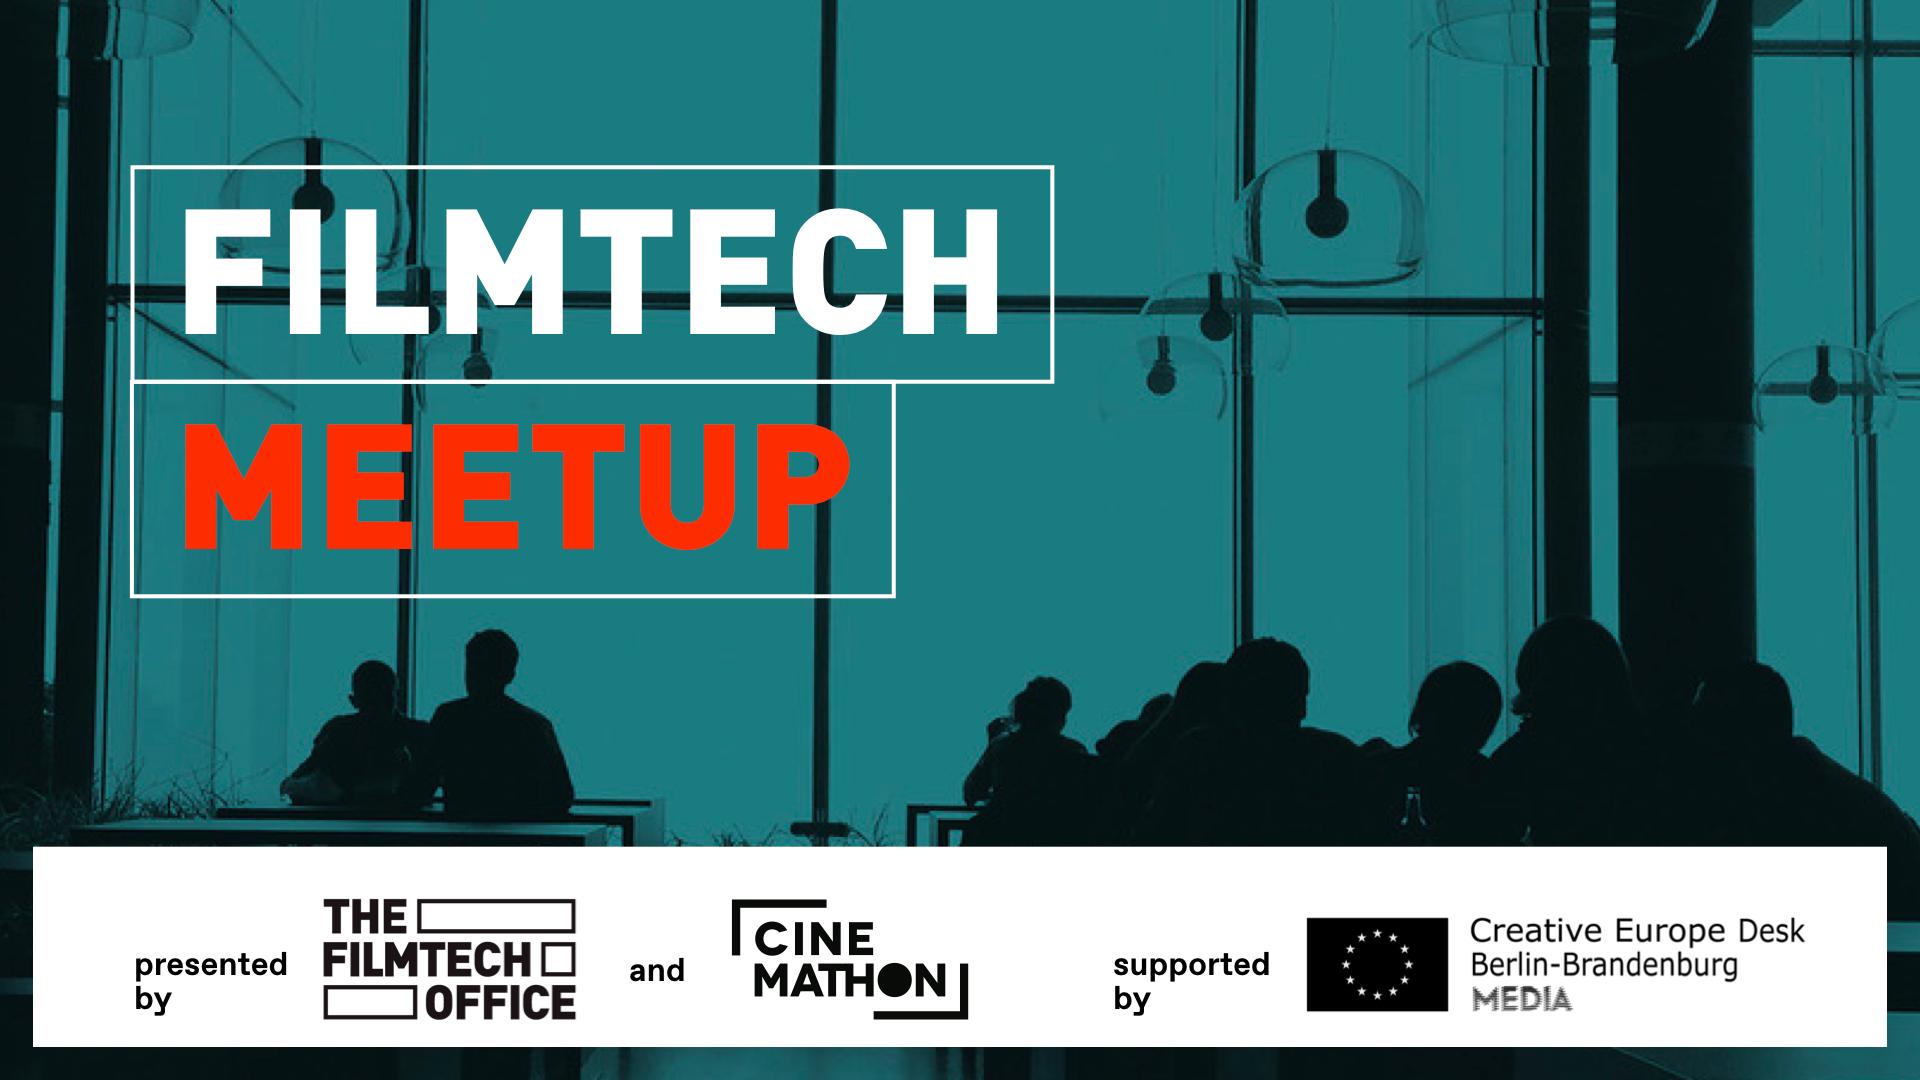 FilmTech Meetup Berlin